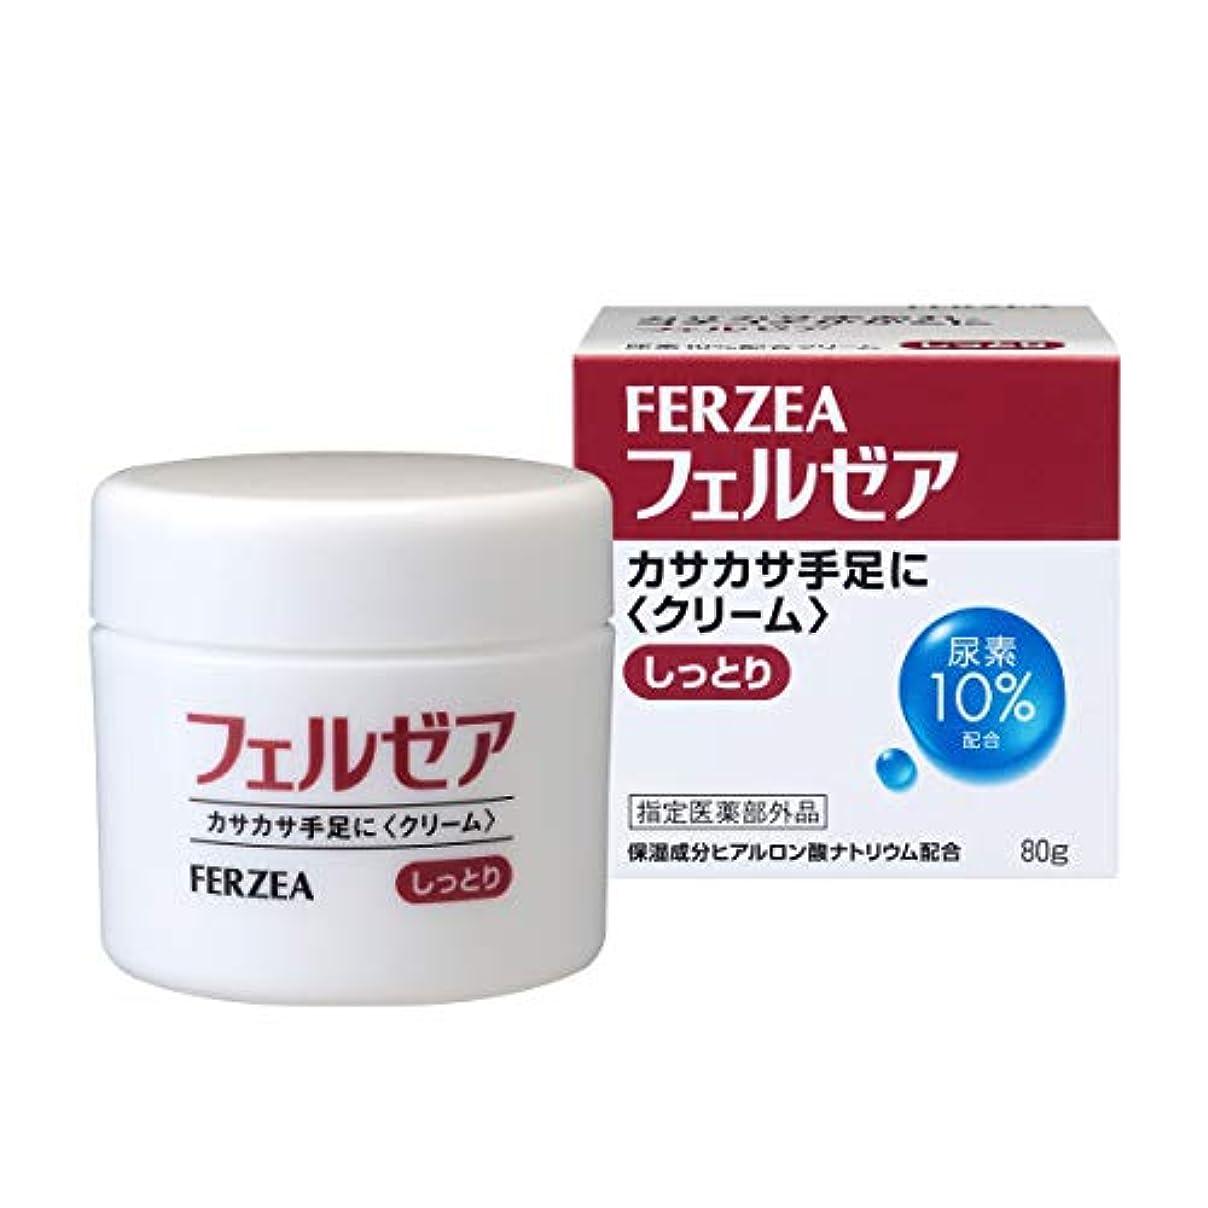 ピクニックひばりそよ風[指定医薬部外品]フェルゼア クリームM 尿素10%配合 80g